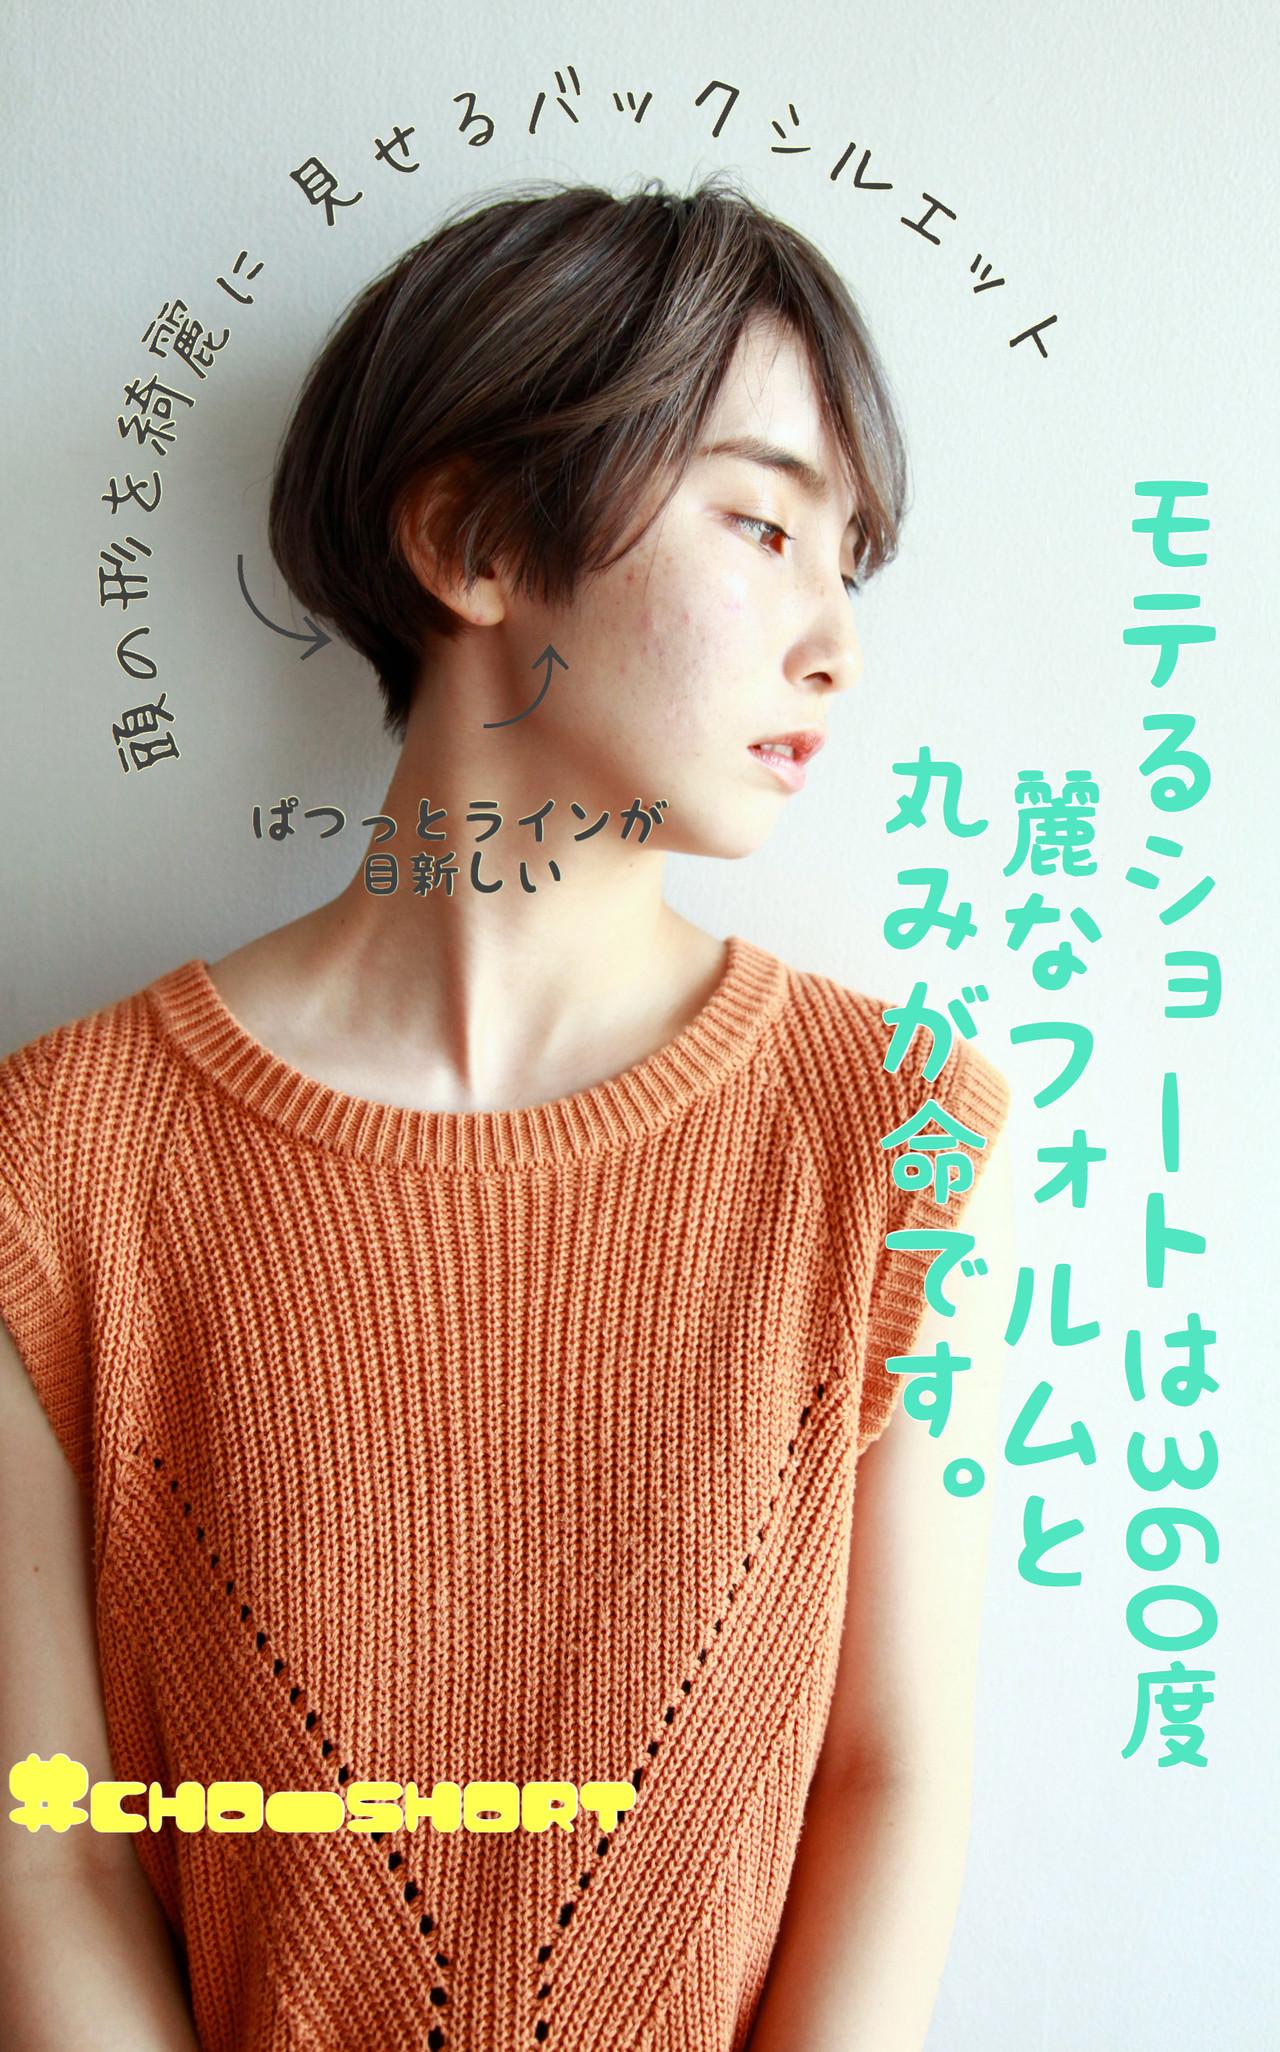 ショート 小顔 大人かわいい 似合わせ ヘアスタイルや髪型の写真・画像 | CHO(松本智之) / ANTI